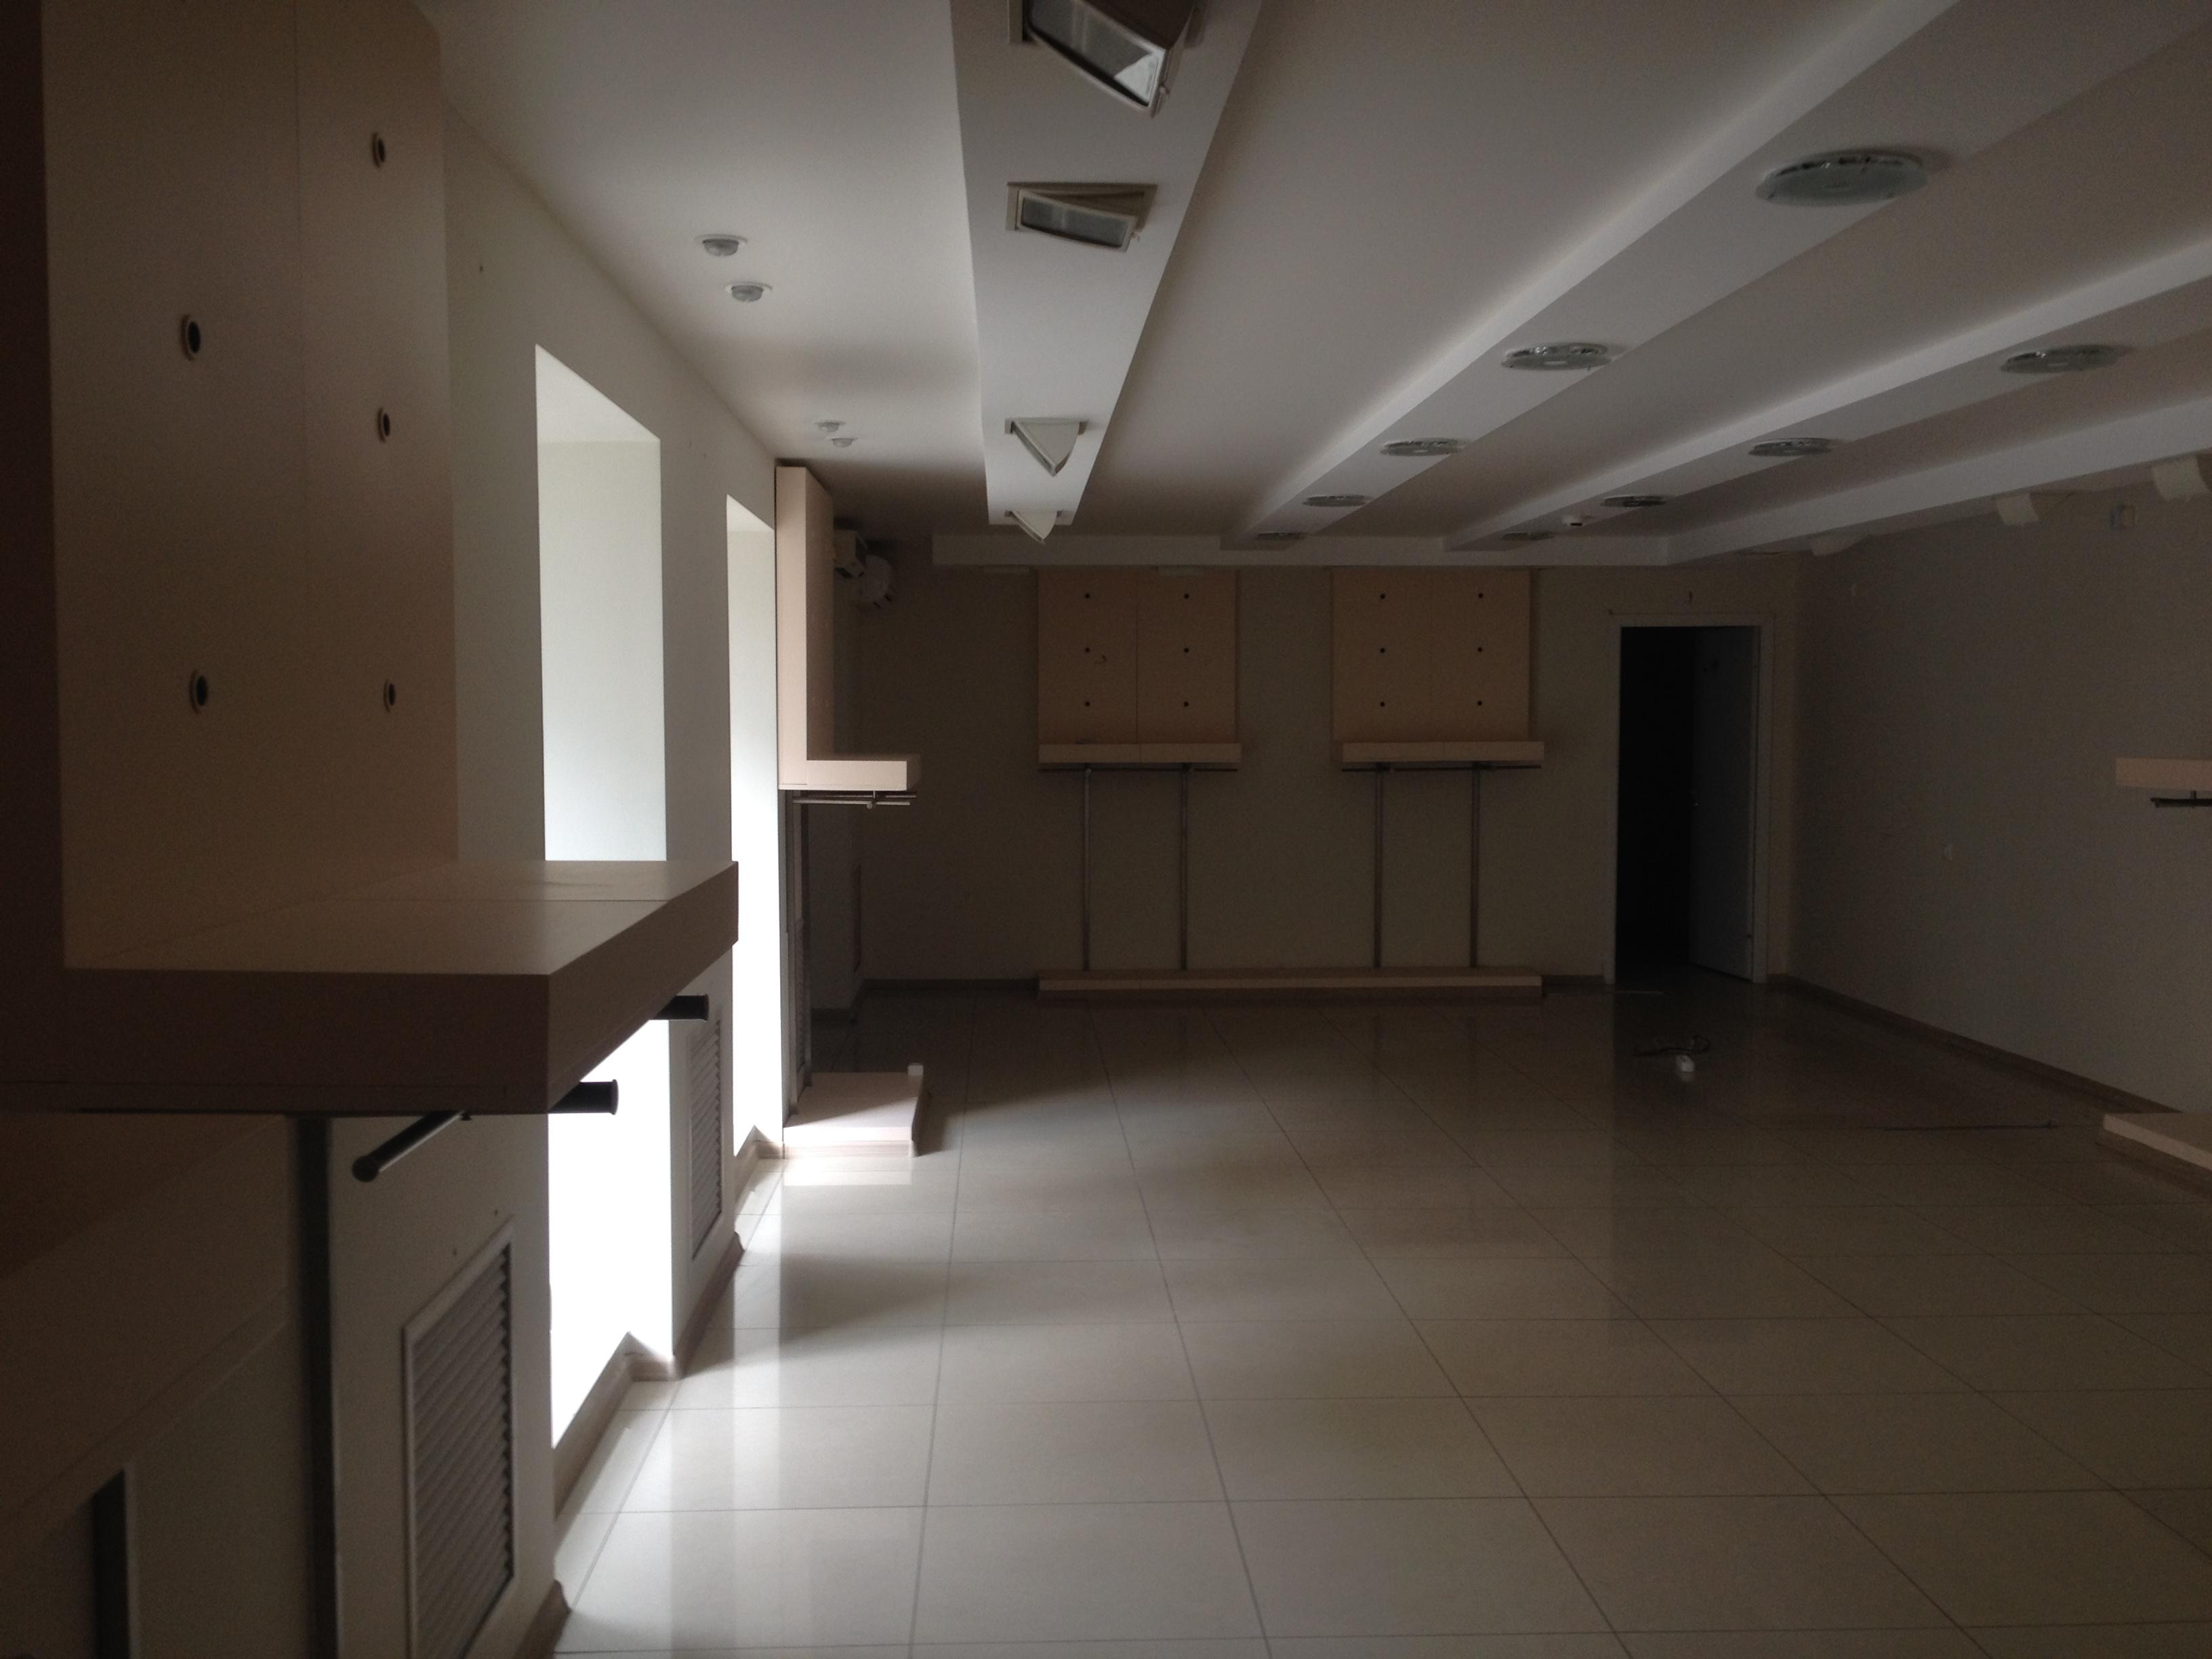 аренда торгового помещения   Городская служба недвижимости ... 2ffce0e7ba6